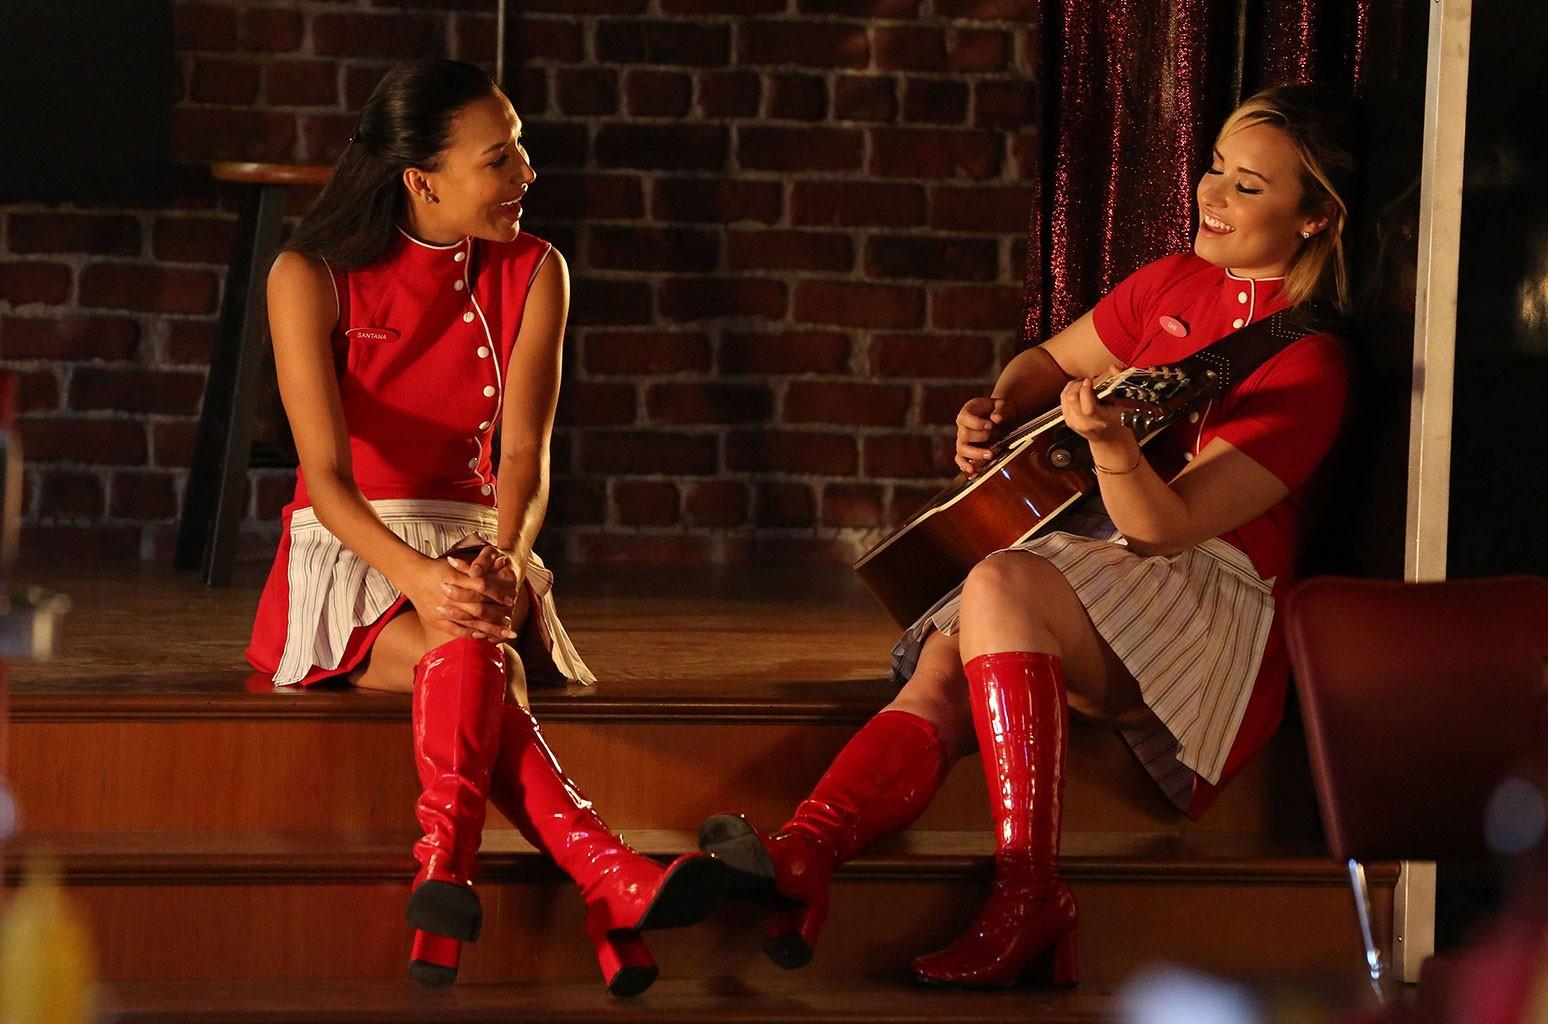 Деми Ловато отдает дань уважения Нае Ривере публикацией с возвращением Glee: «Miss You»